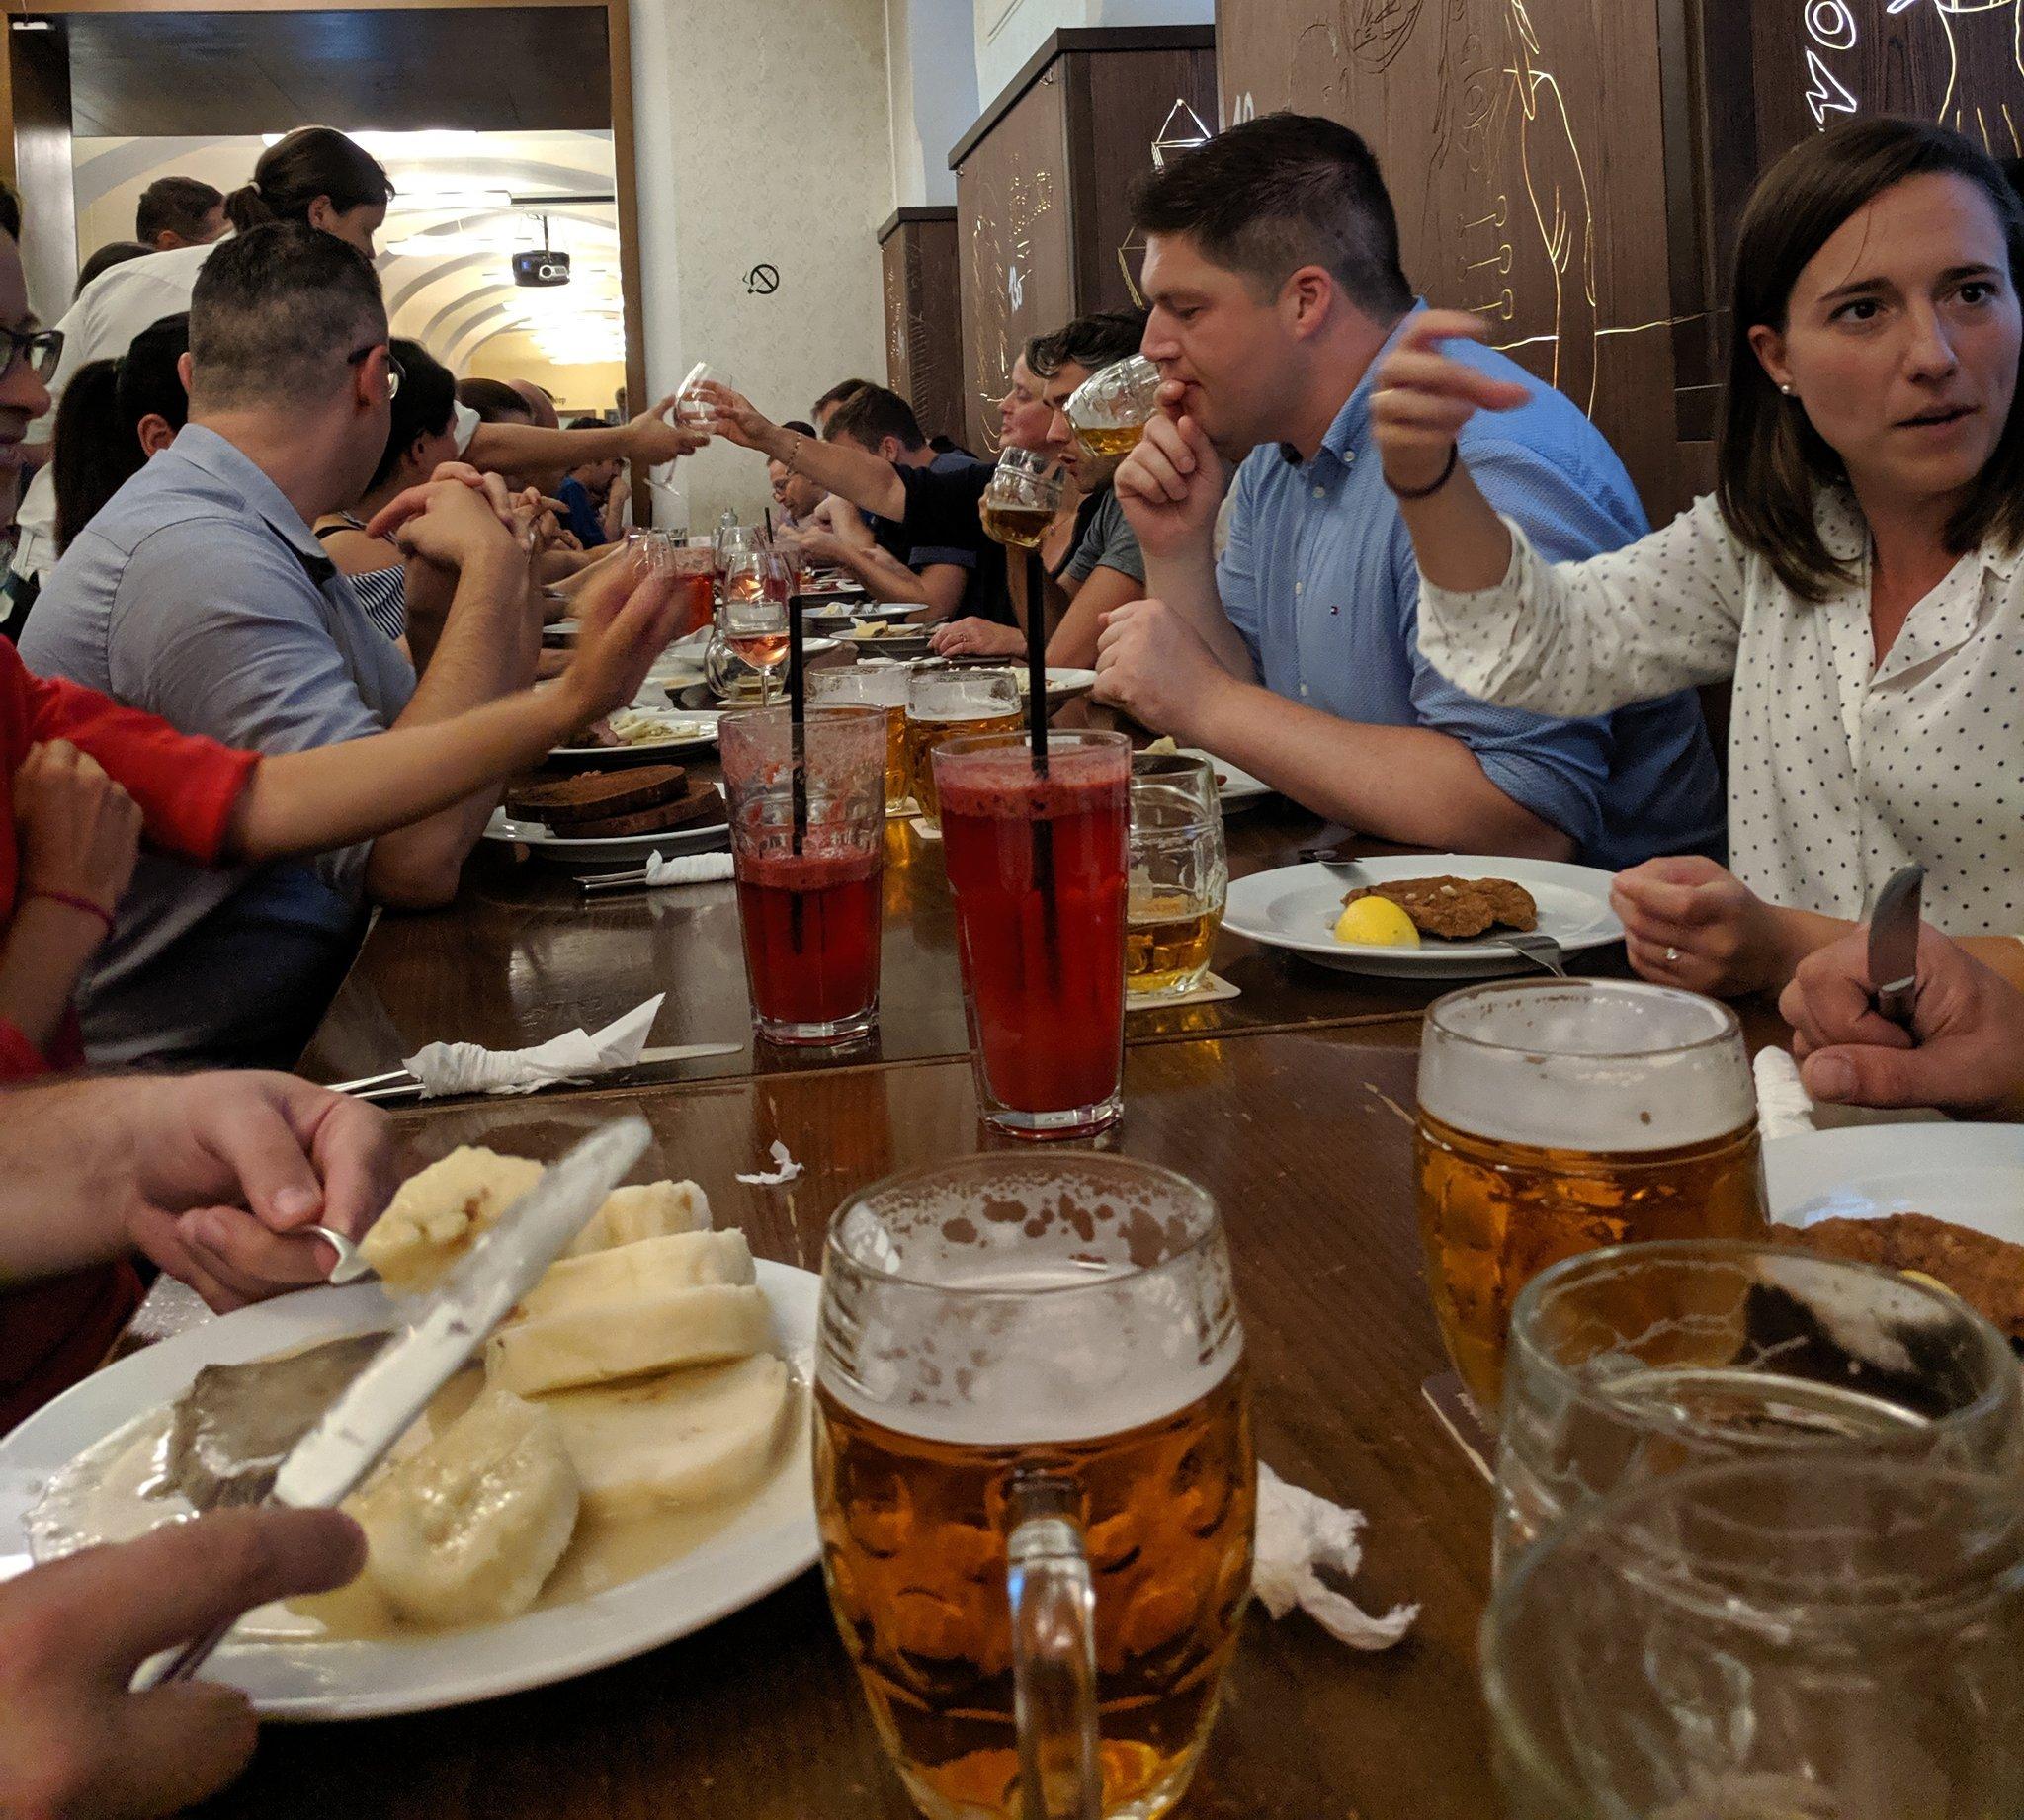 Speaker's dinner, stolen from Szandor